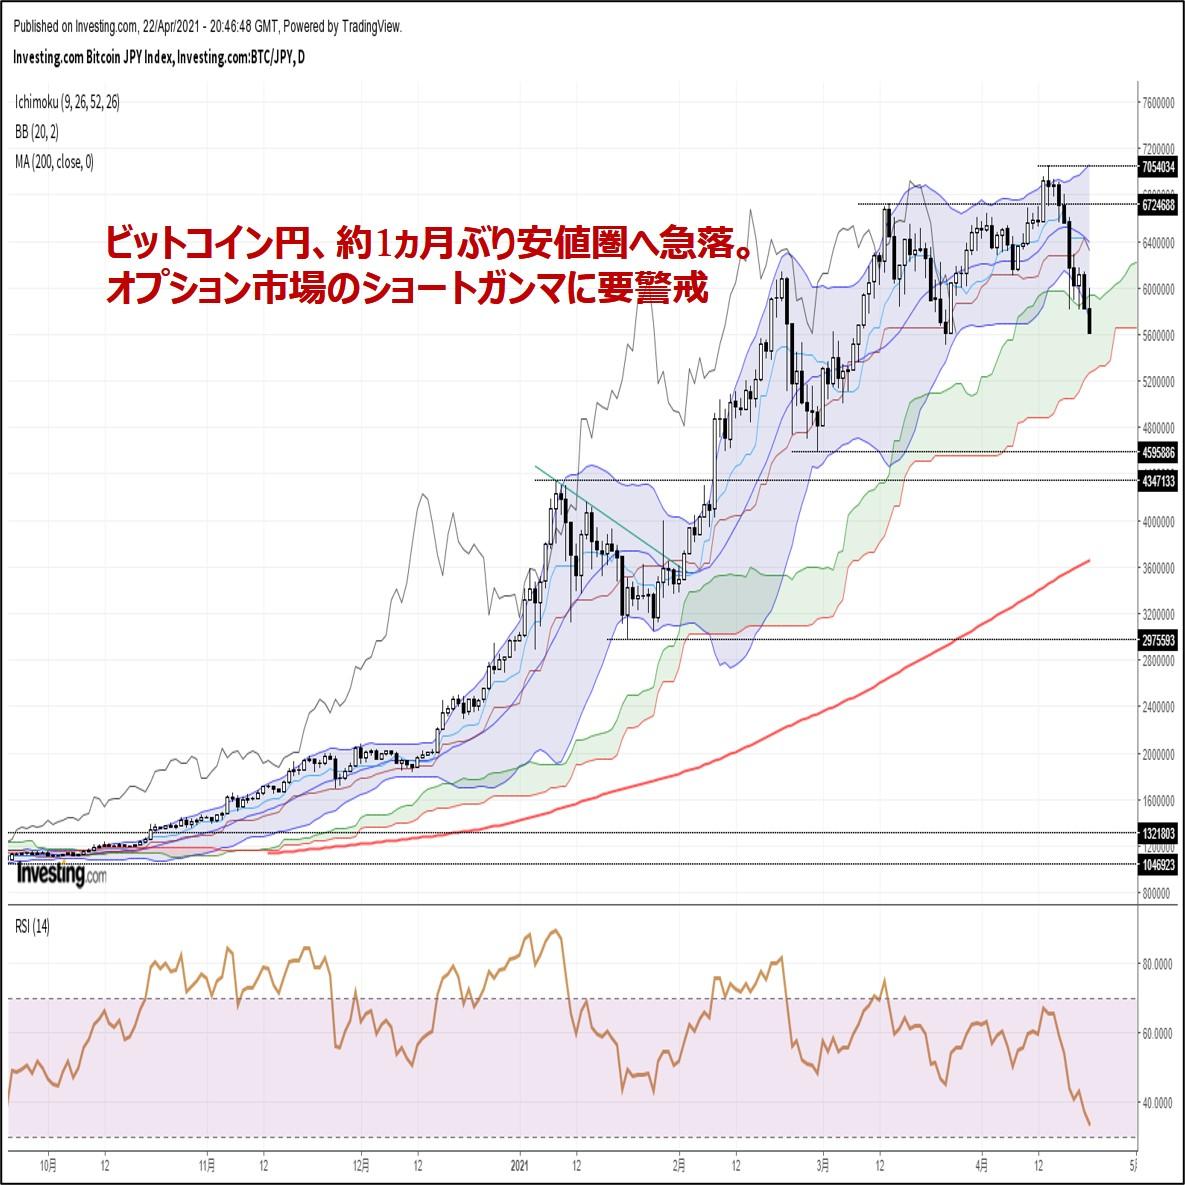 ビットコイン円、約1ヵ月ぶり安値圏へ急落。オプション市場のショートガンマに要警戒(4/23朝)